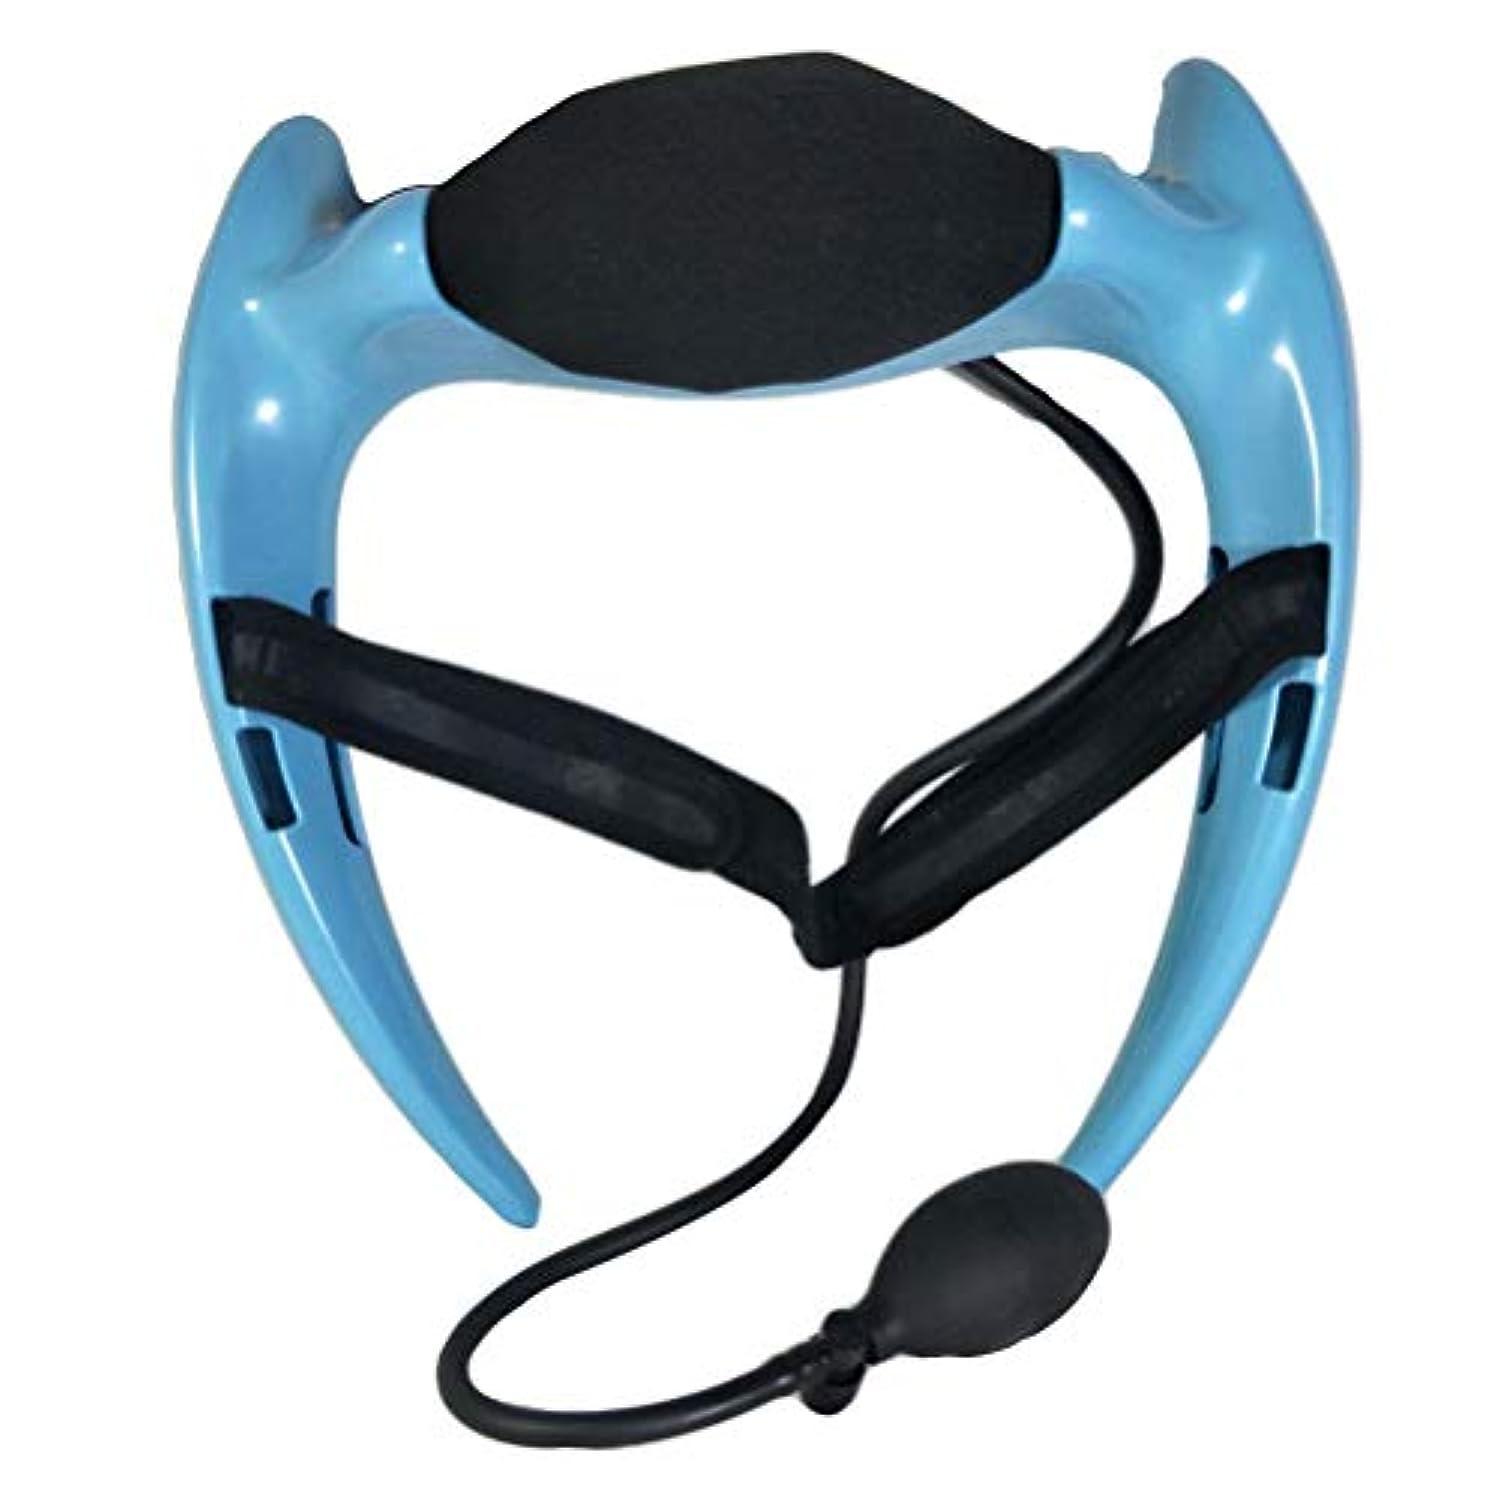 食品カポック呼吸HEALLILY 傷害のための膨脹可能な首の牽引装置首サポート牽引